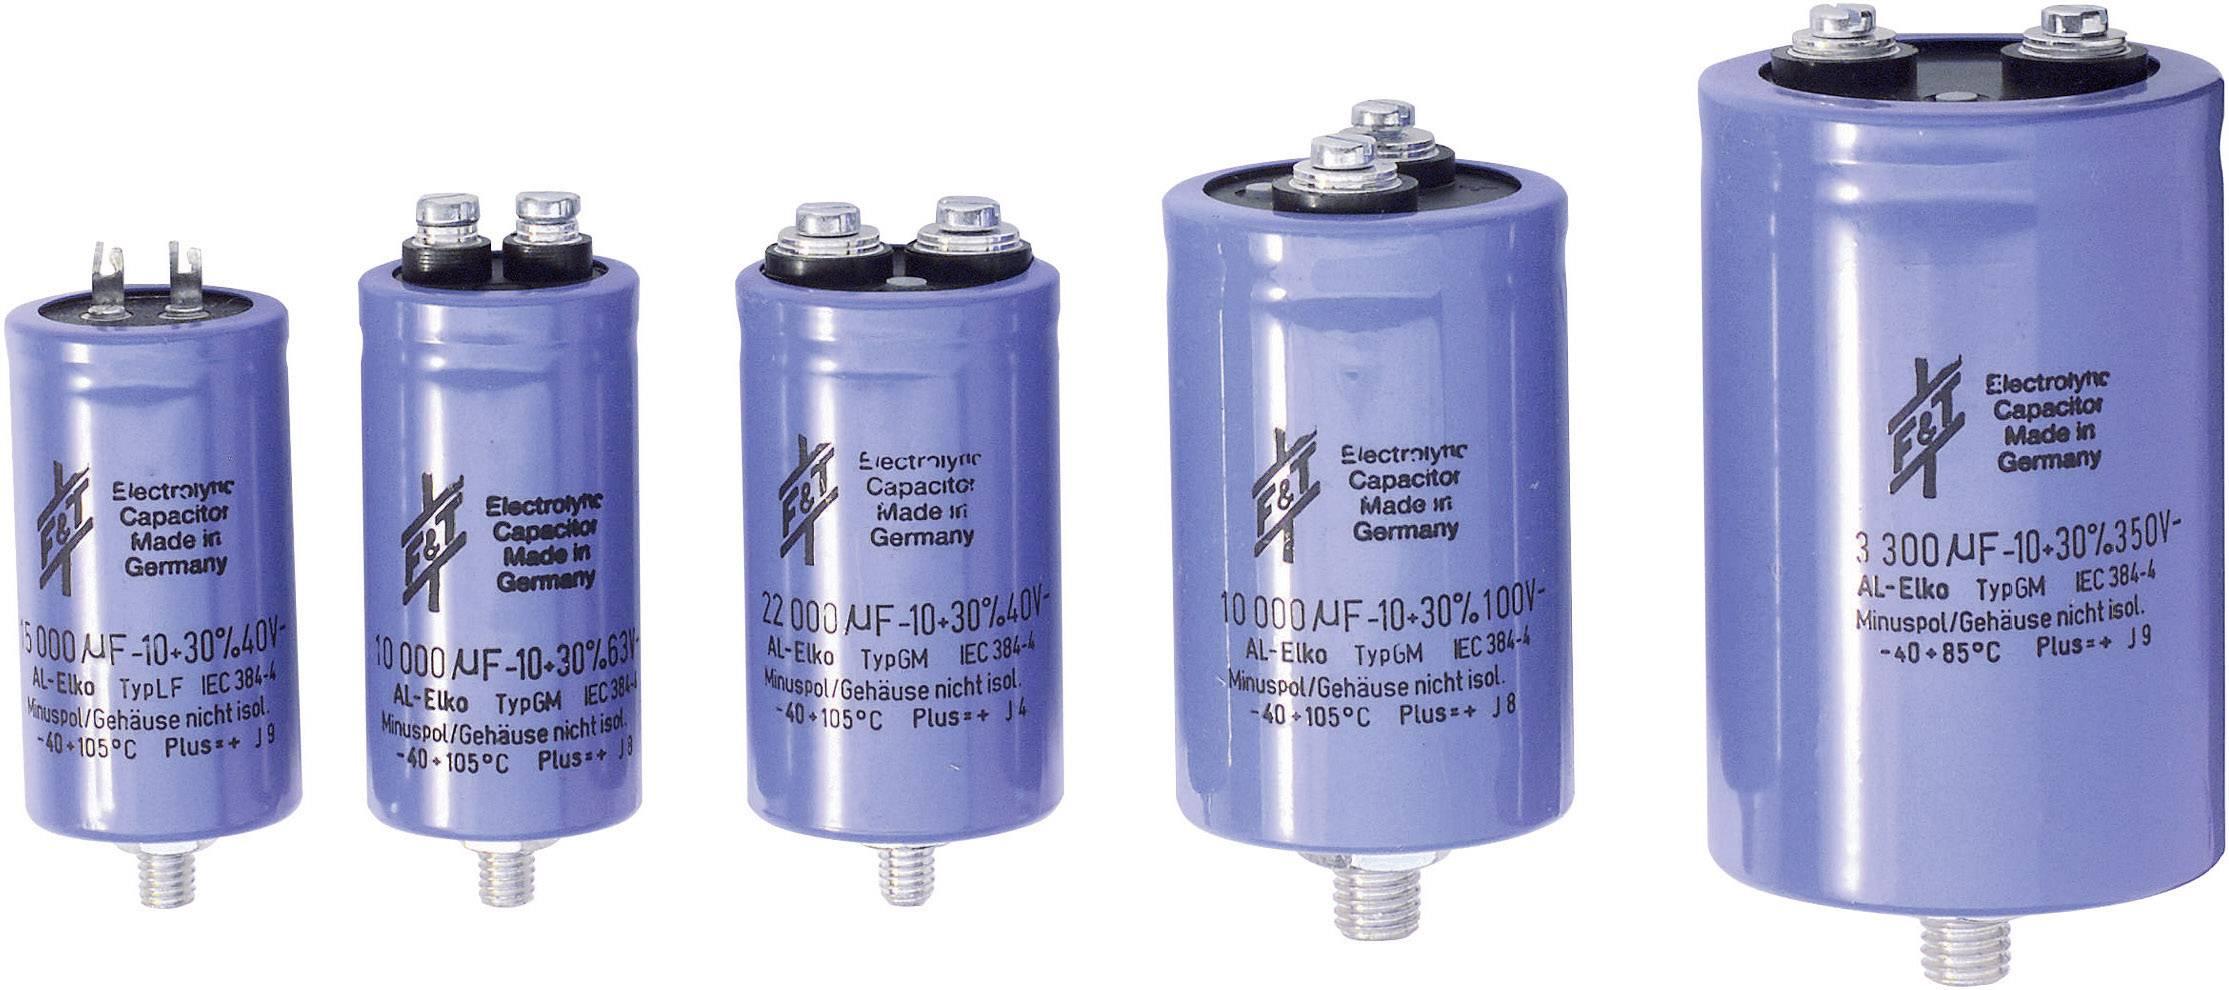 Elektrolytický kondenzátor FTCAP GMB22306350080, skrutkový kontaktný prvok, 22000 µF, 63 V, 20 %, 1 ks